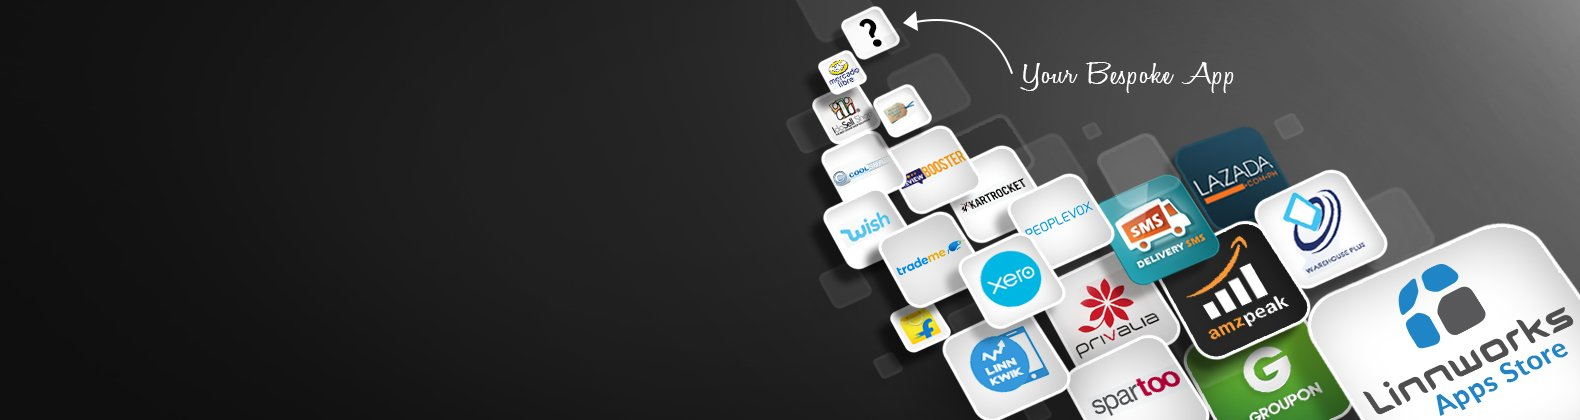 linnworks-app